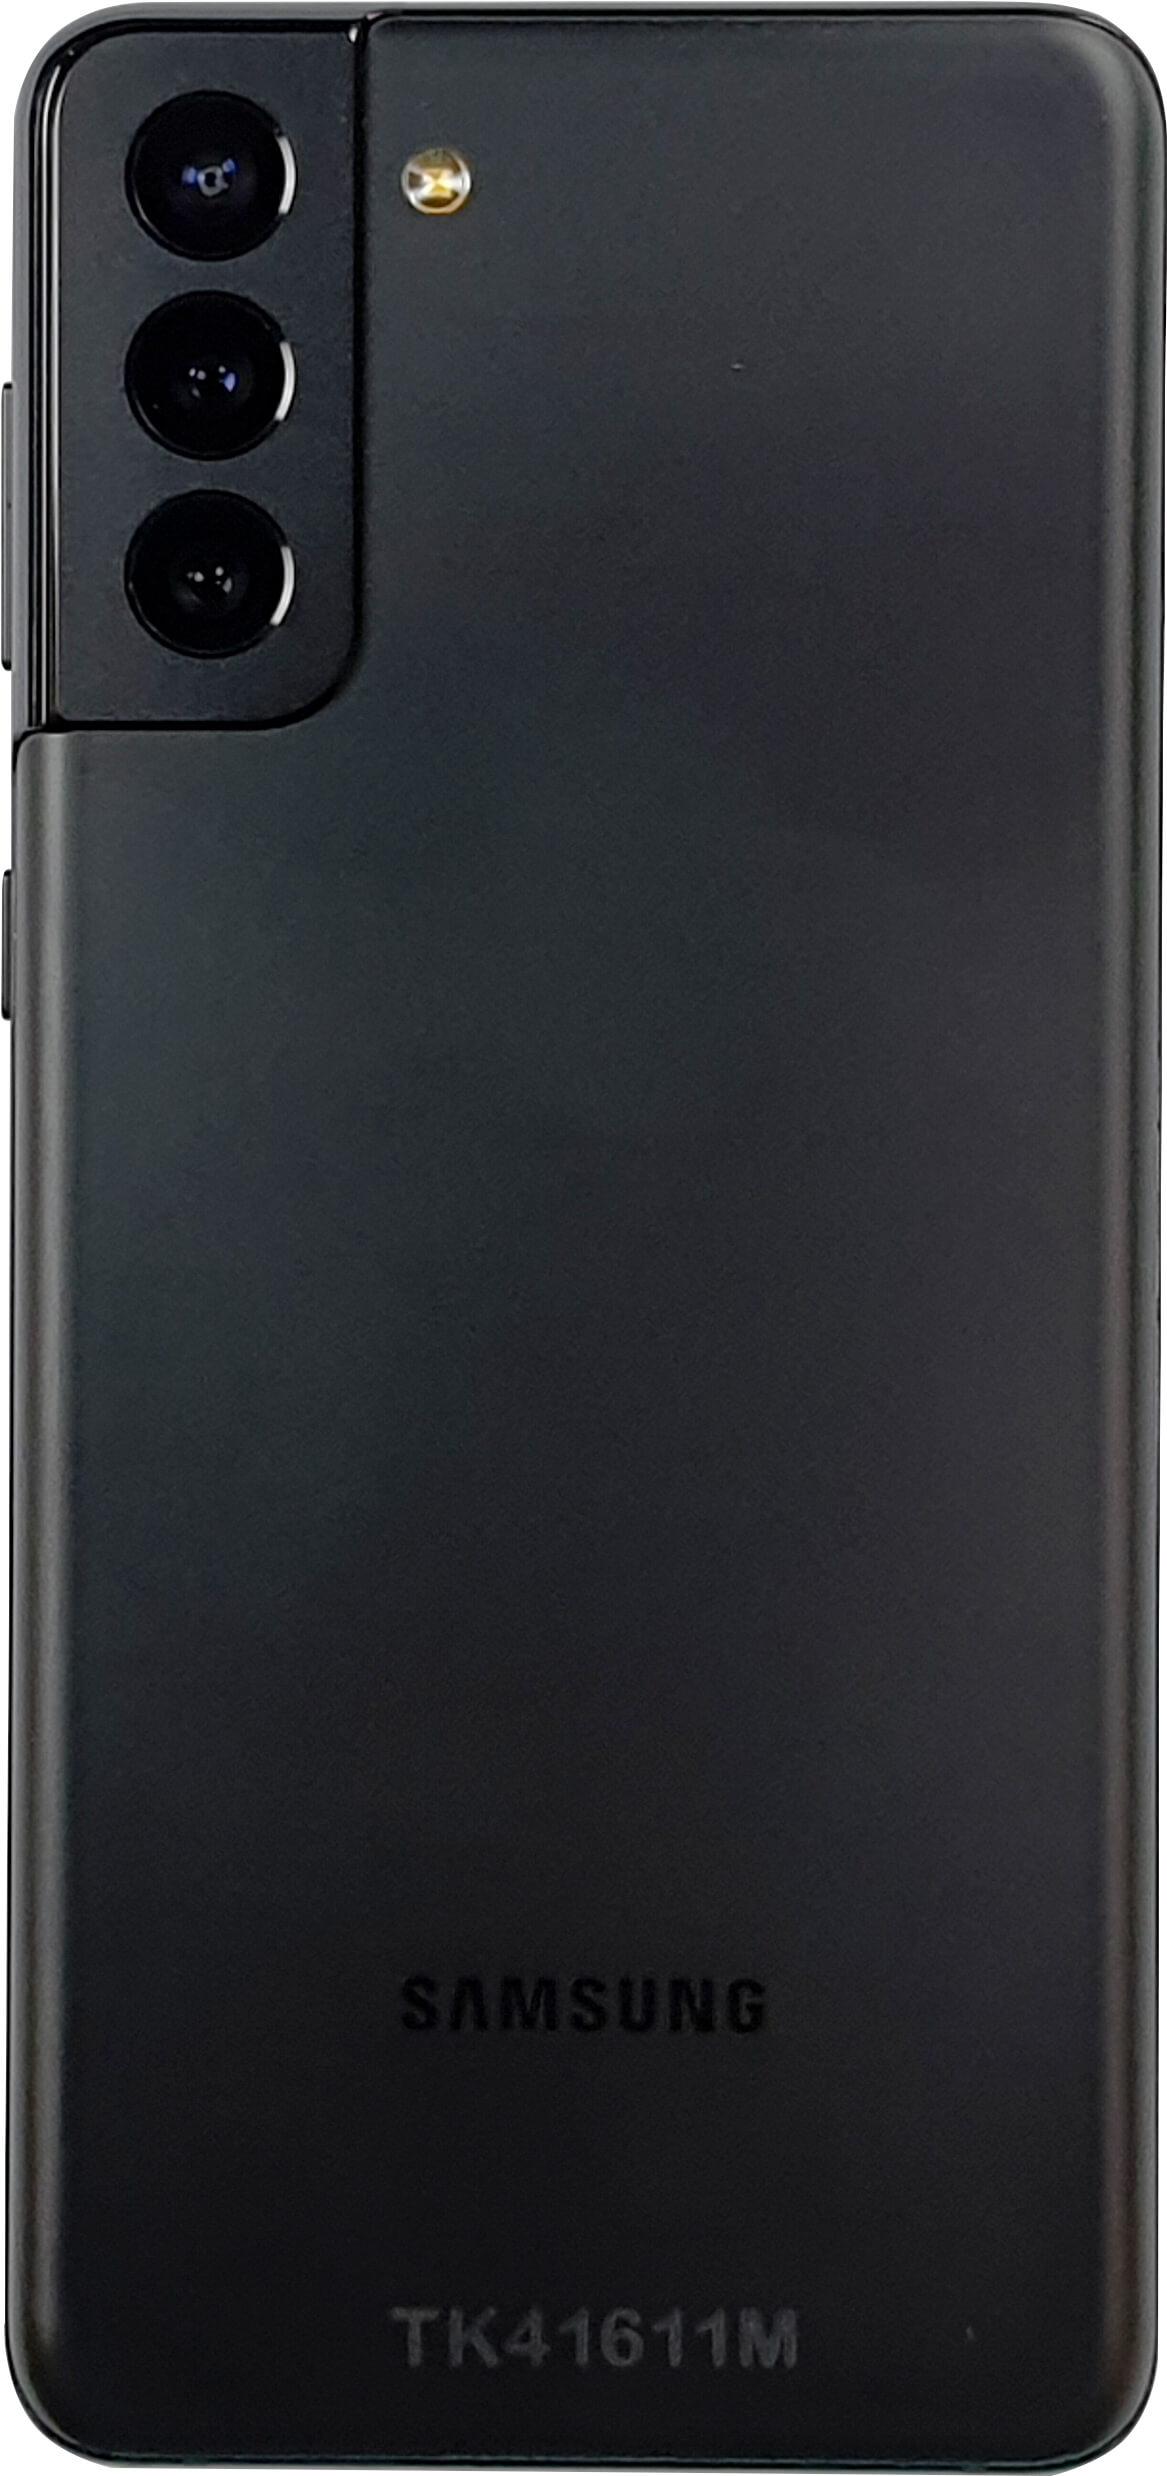 Review Samsung Galaxy S21+: ¡Muy equilibrado!